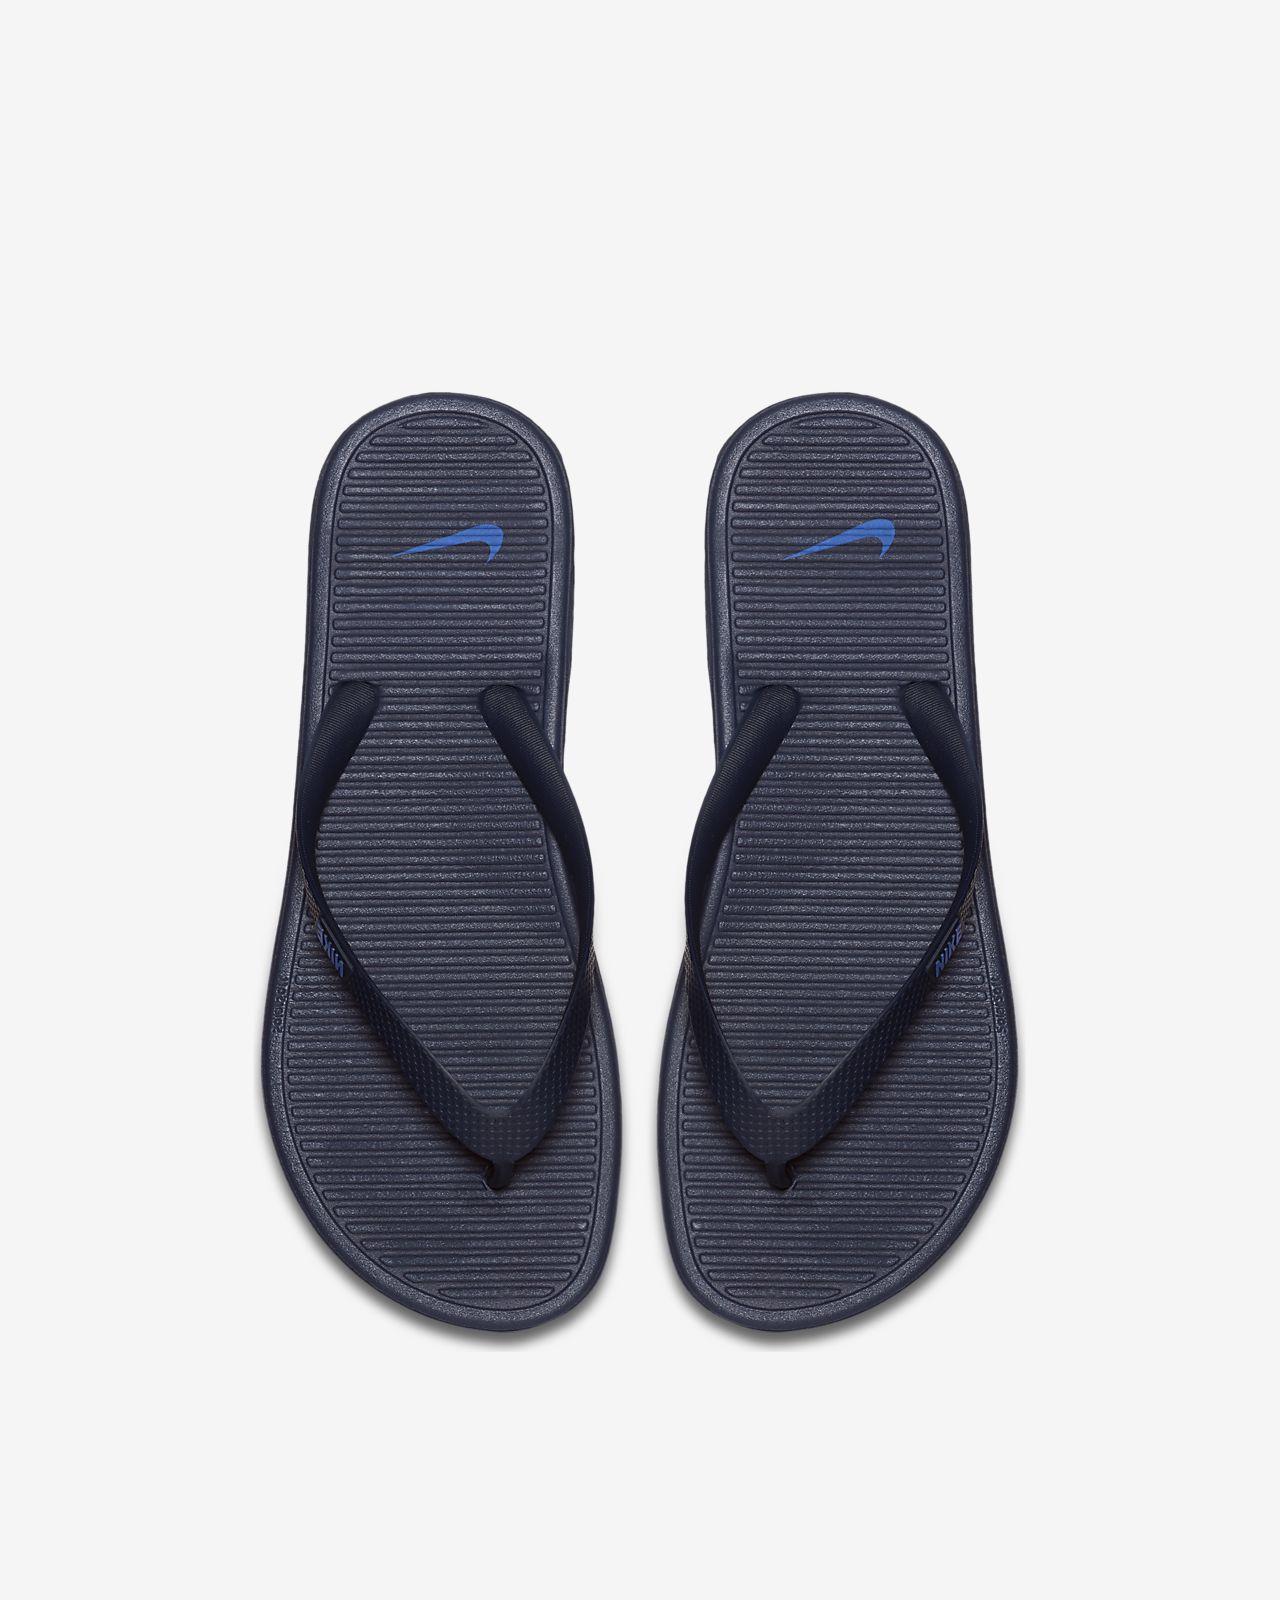 Ανδρική σαγιονάρα Nike Solarsoft II